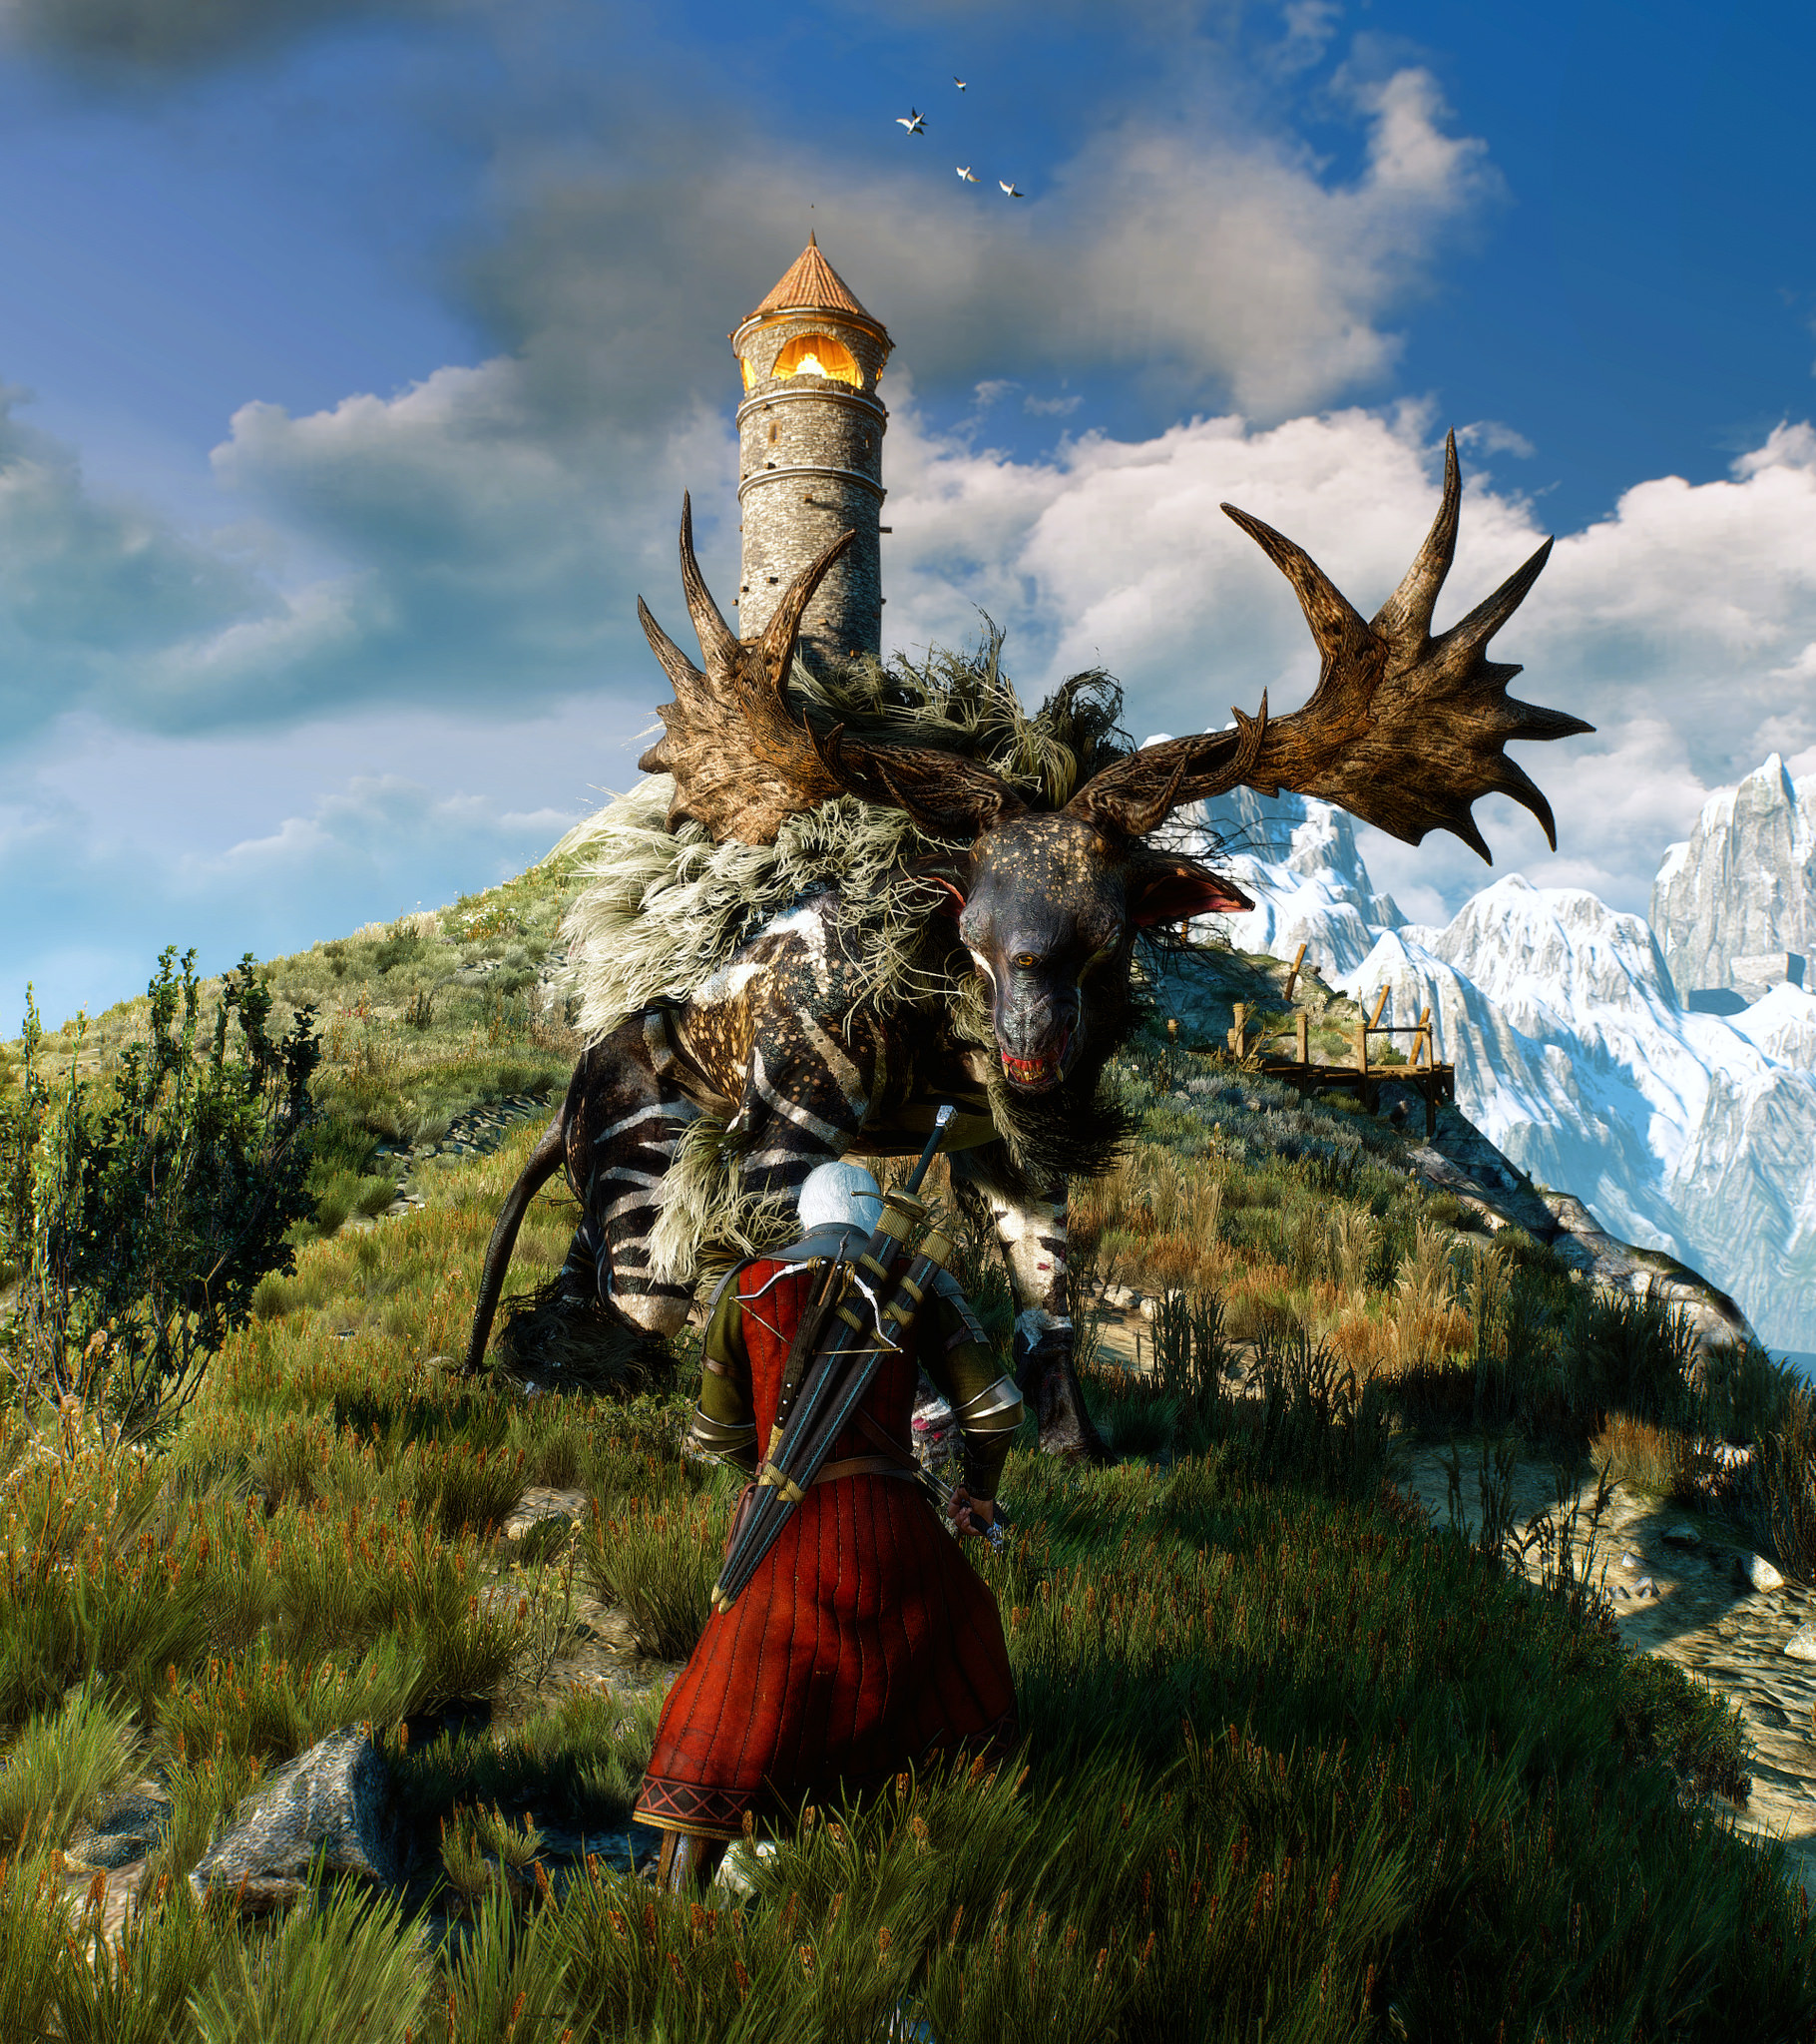 wiedzmin - Witcher 3: Wild Hunt, the